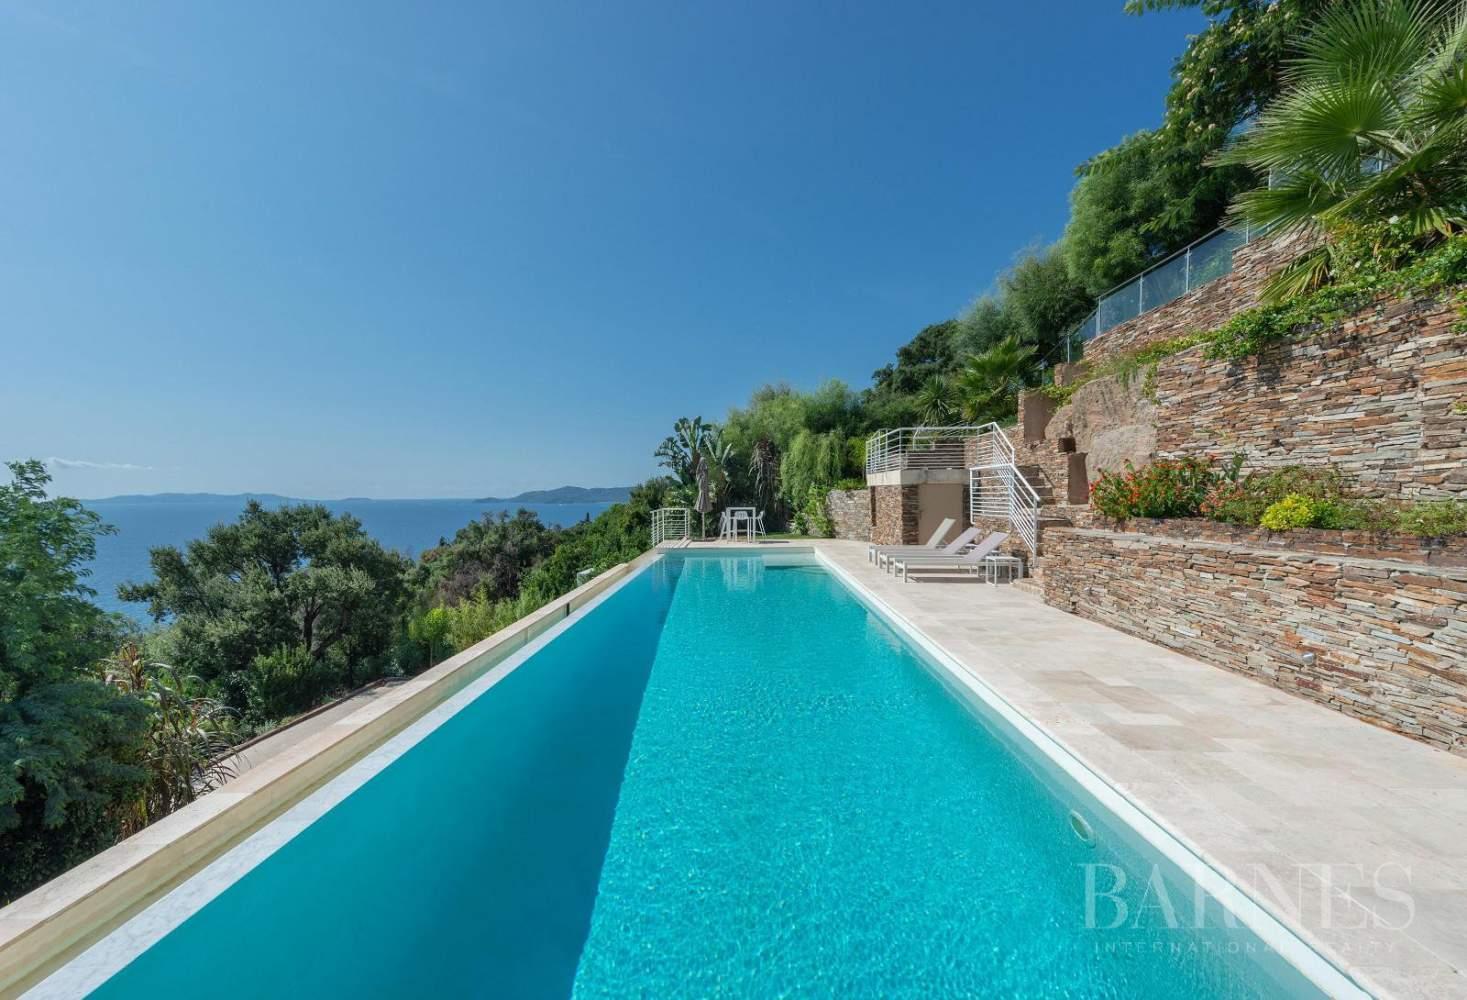 A vendre Le Lavandou villa 6 chambres vue mer panoramique - piscine picture 9